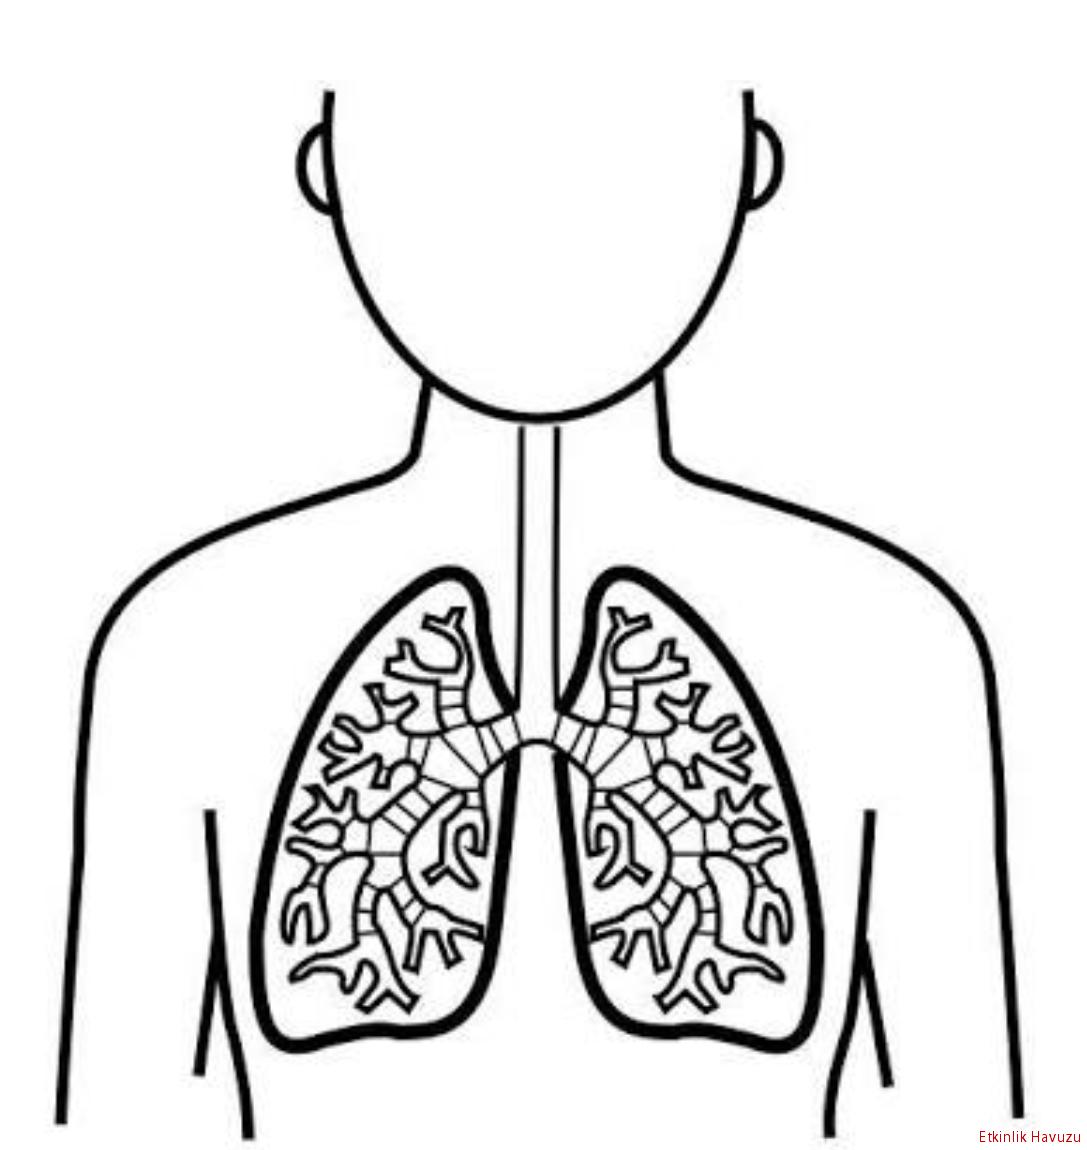 Akciğer Boyama Sayfası Ile Ilgili Görsel Sonucu Plandakiler Body